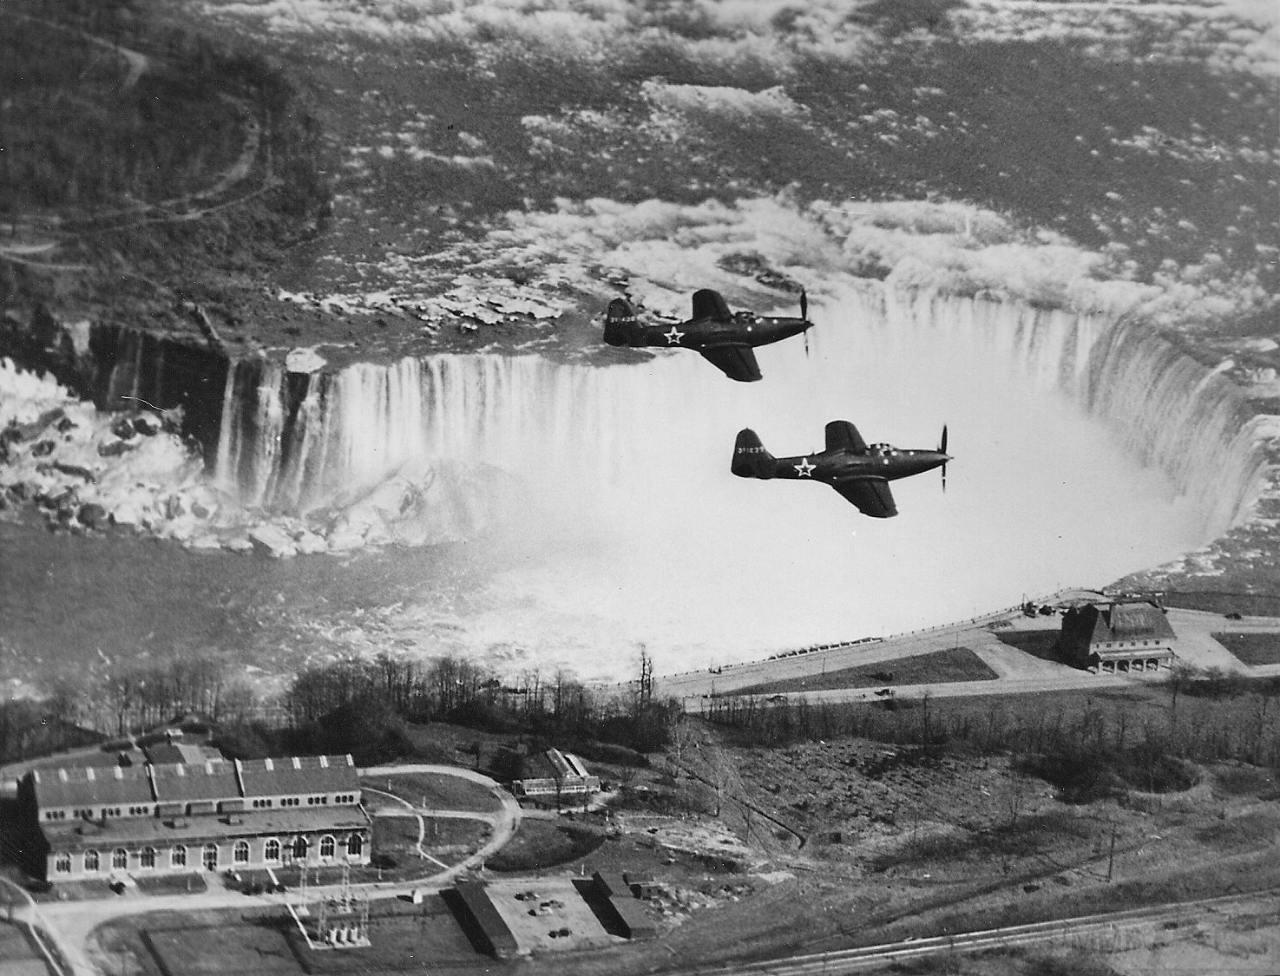 11249 - P-63 Kingcobra с советскими опознавательными знаками в небе над Ниагарским водопадом